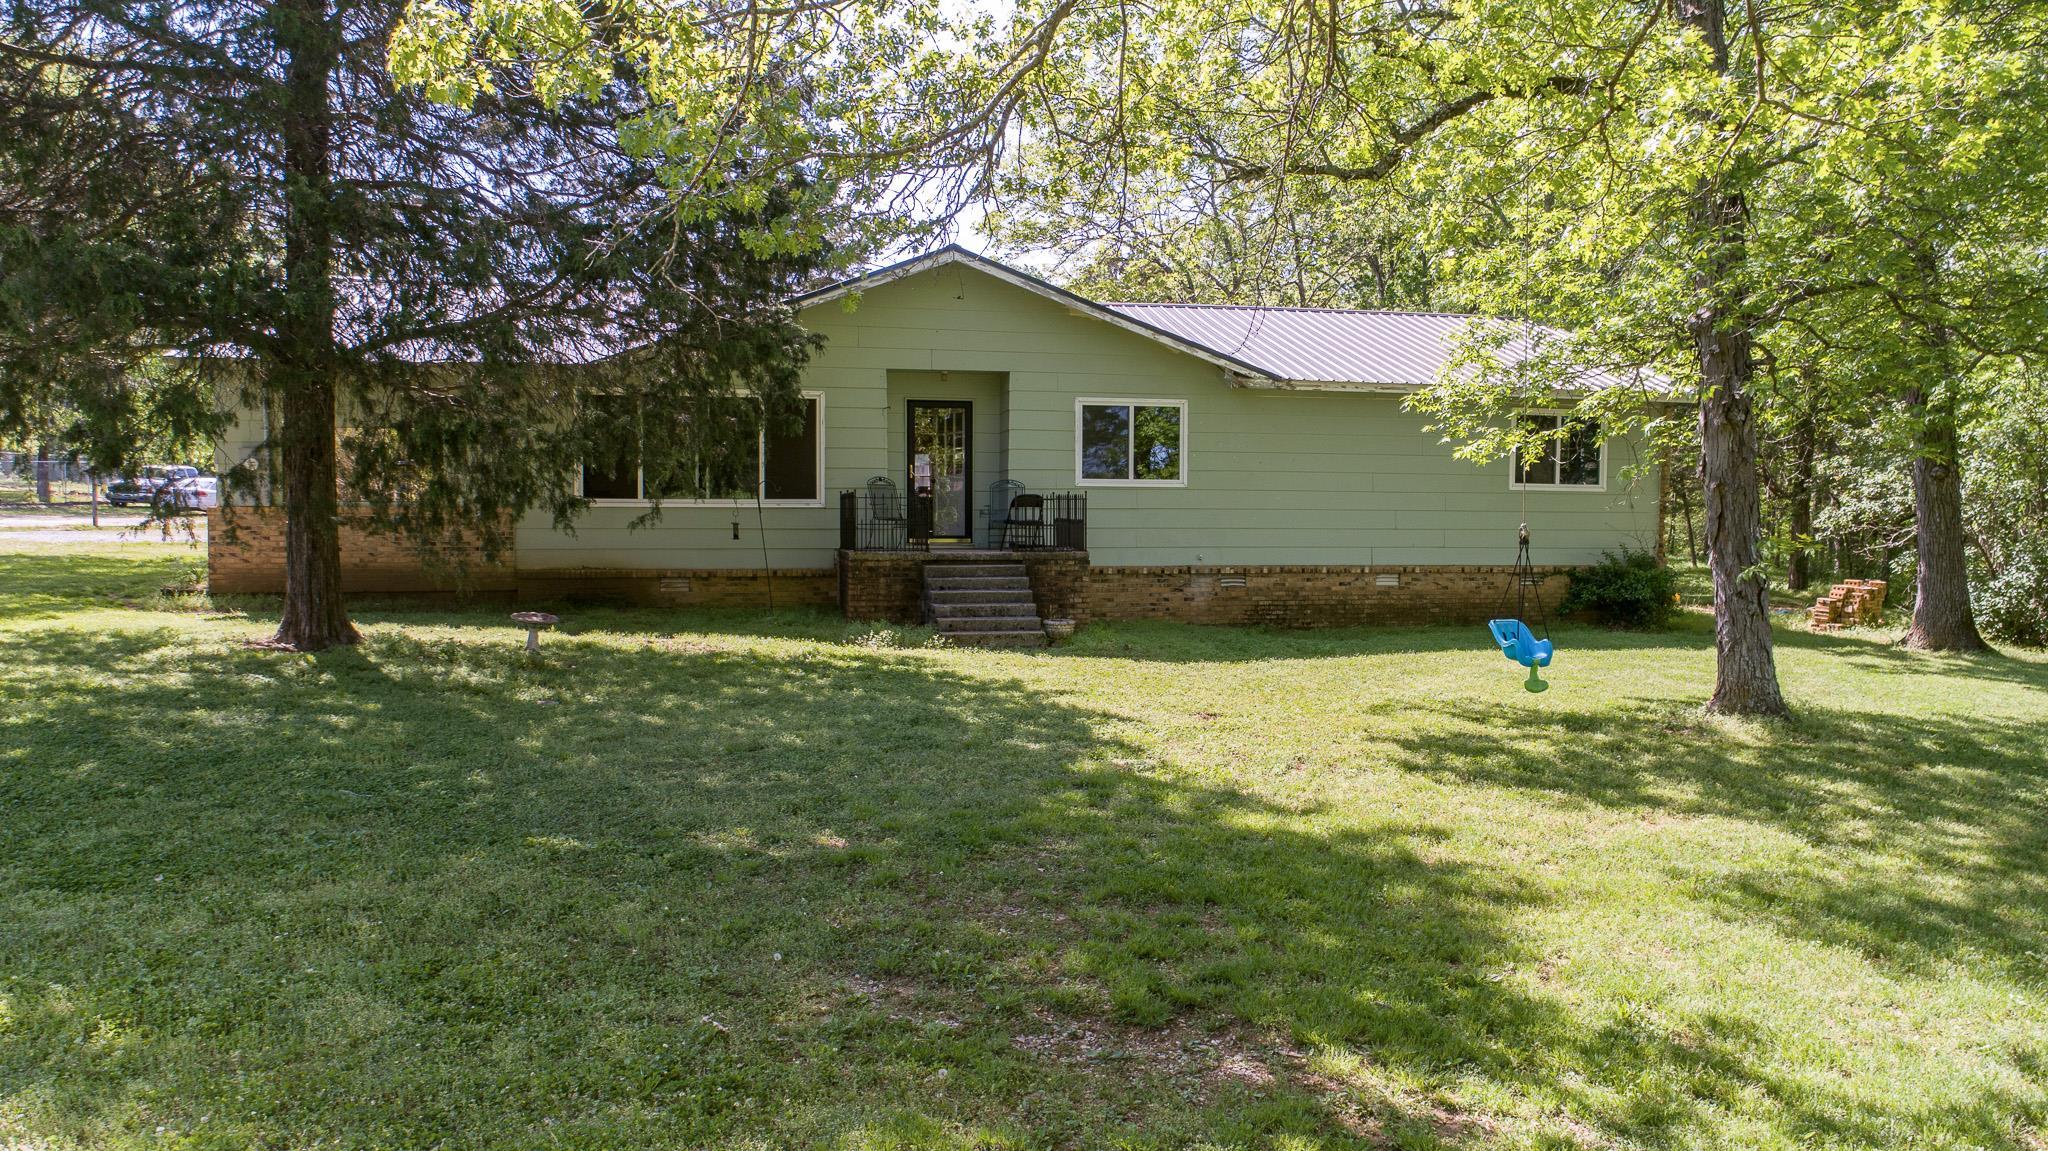 110 Coulter Ct, Murfreesboro, TN 37129 - Murfreesboro, TN real estate listing